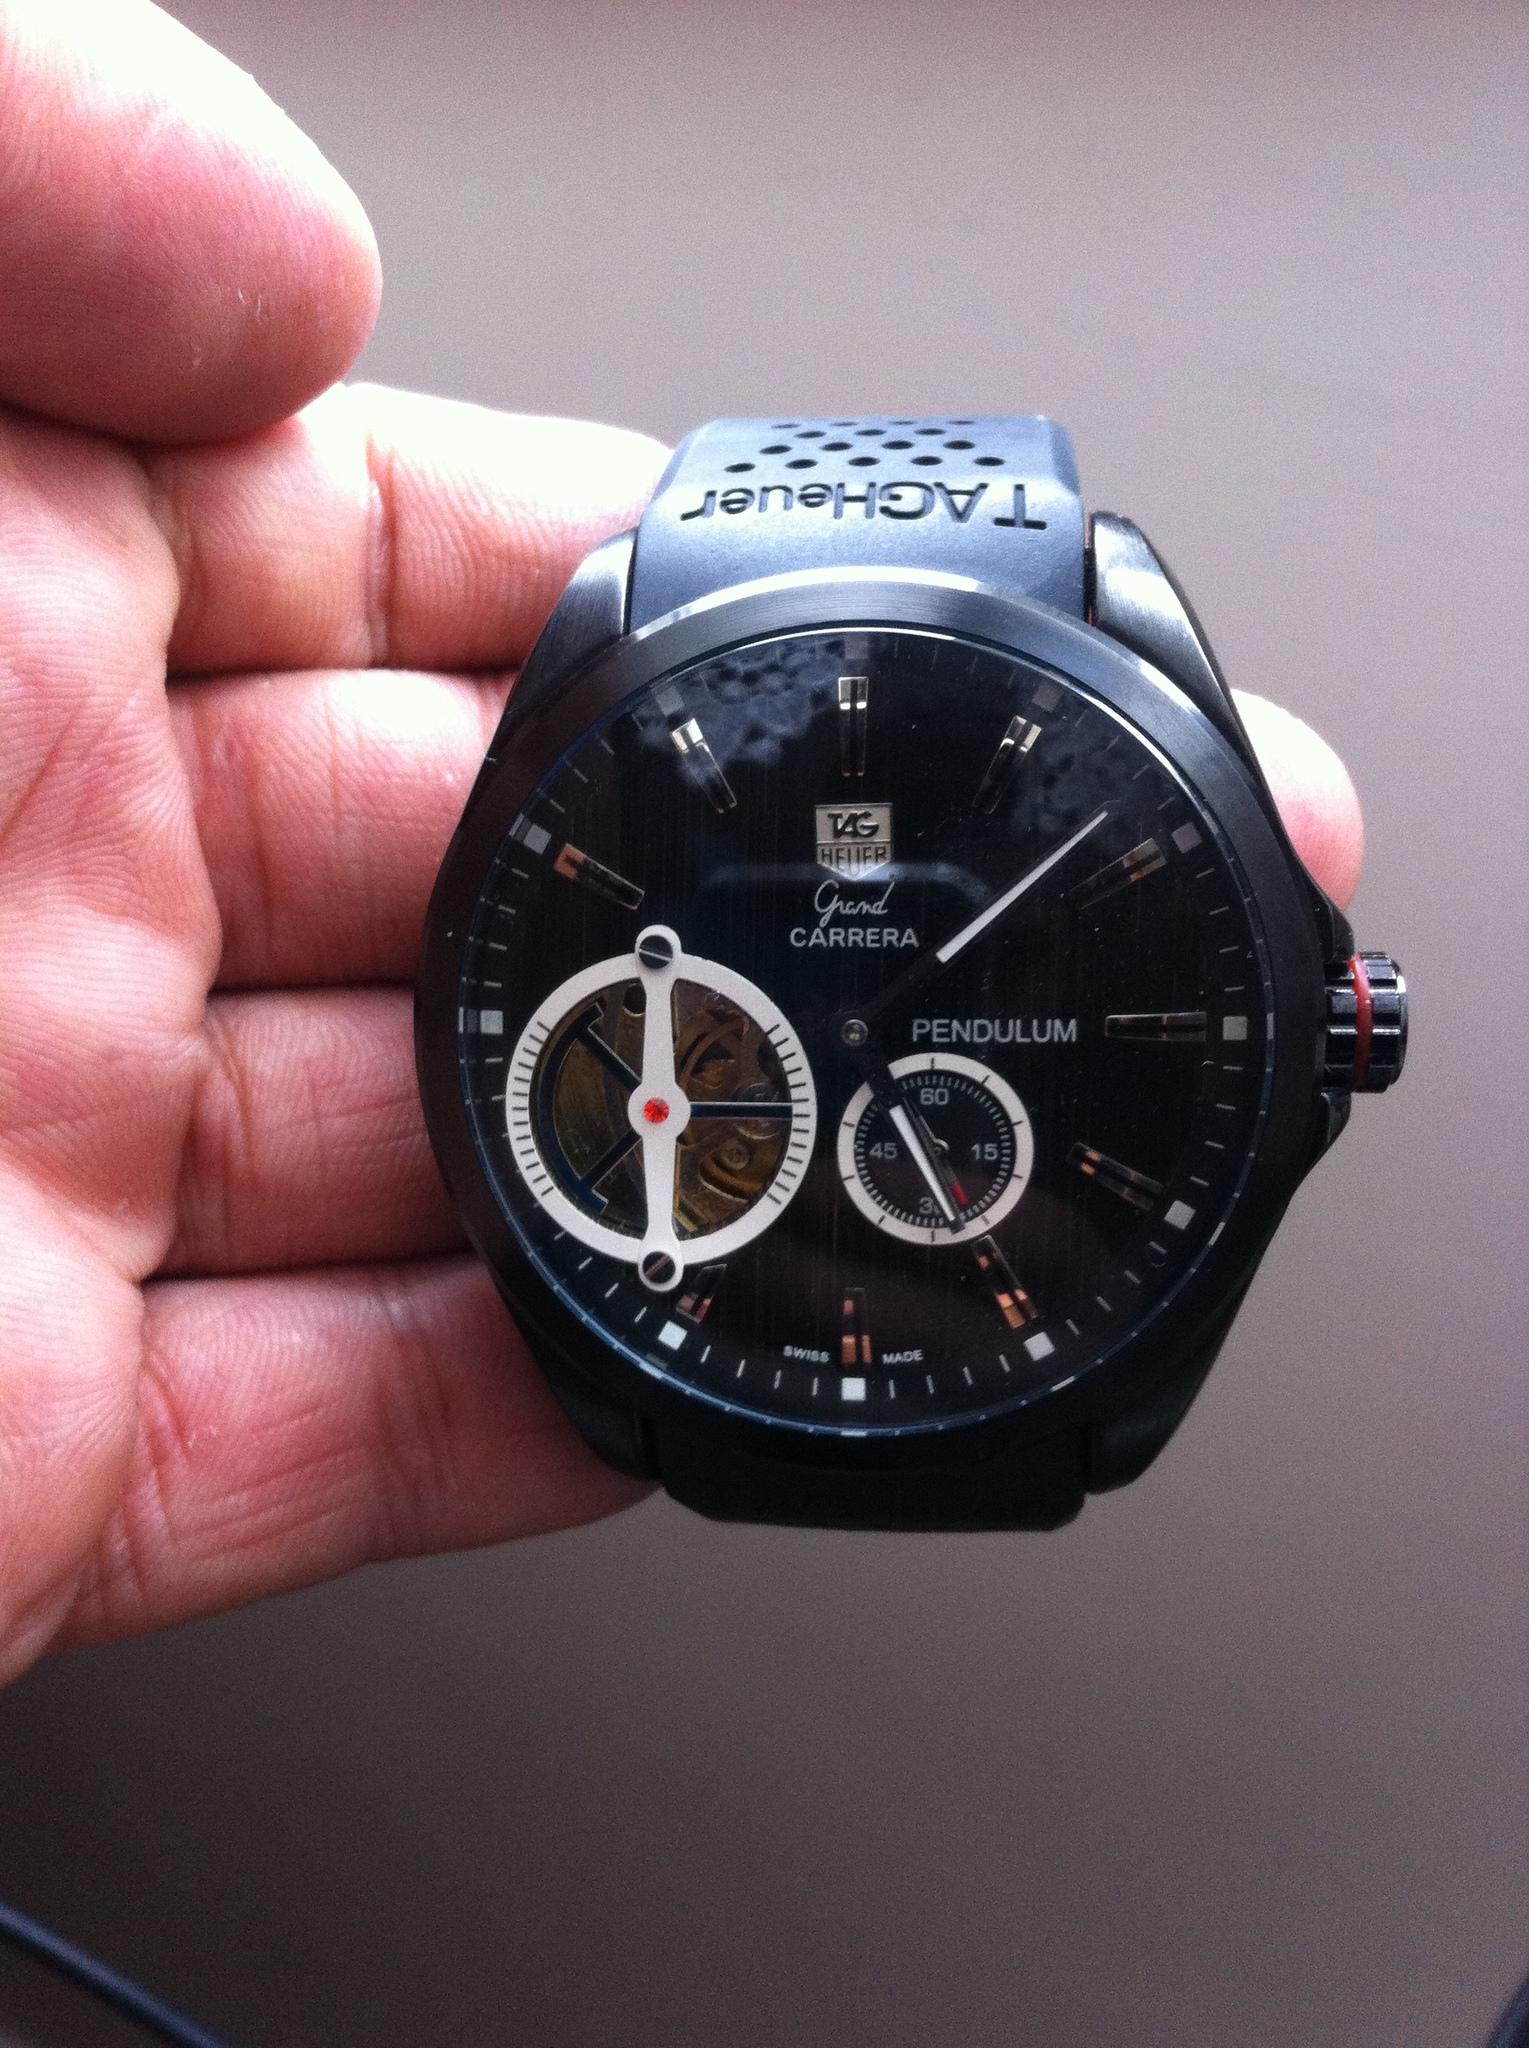 купить часы grand carrera pendulum если